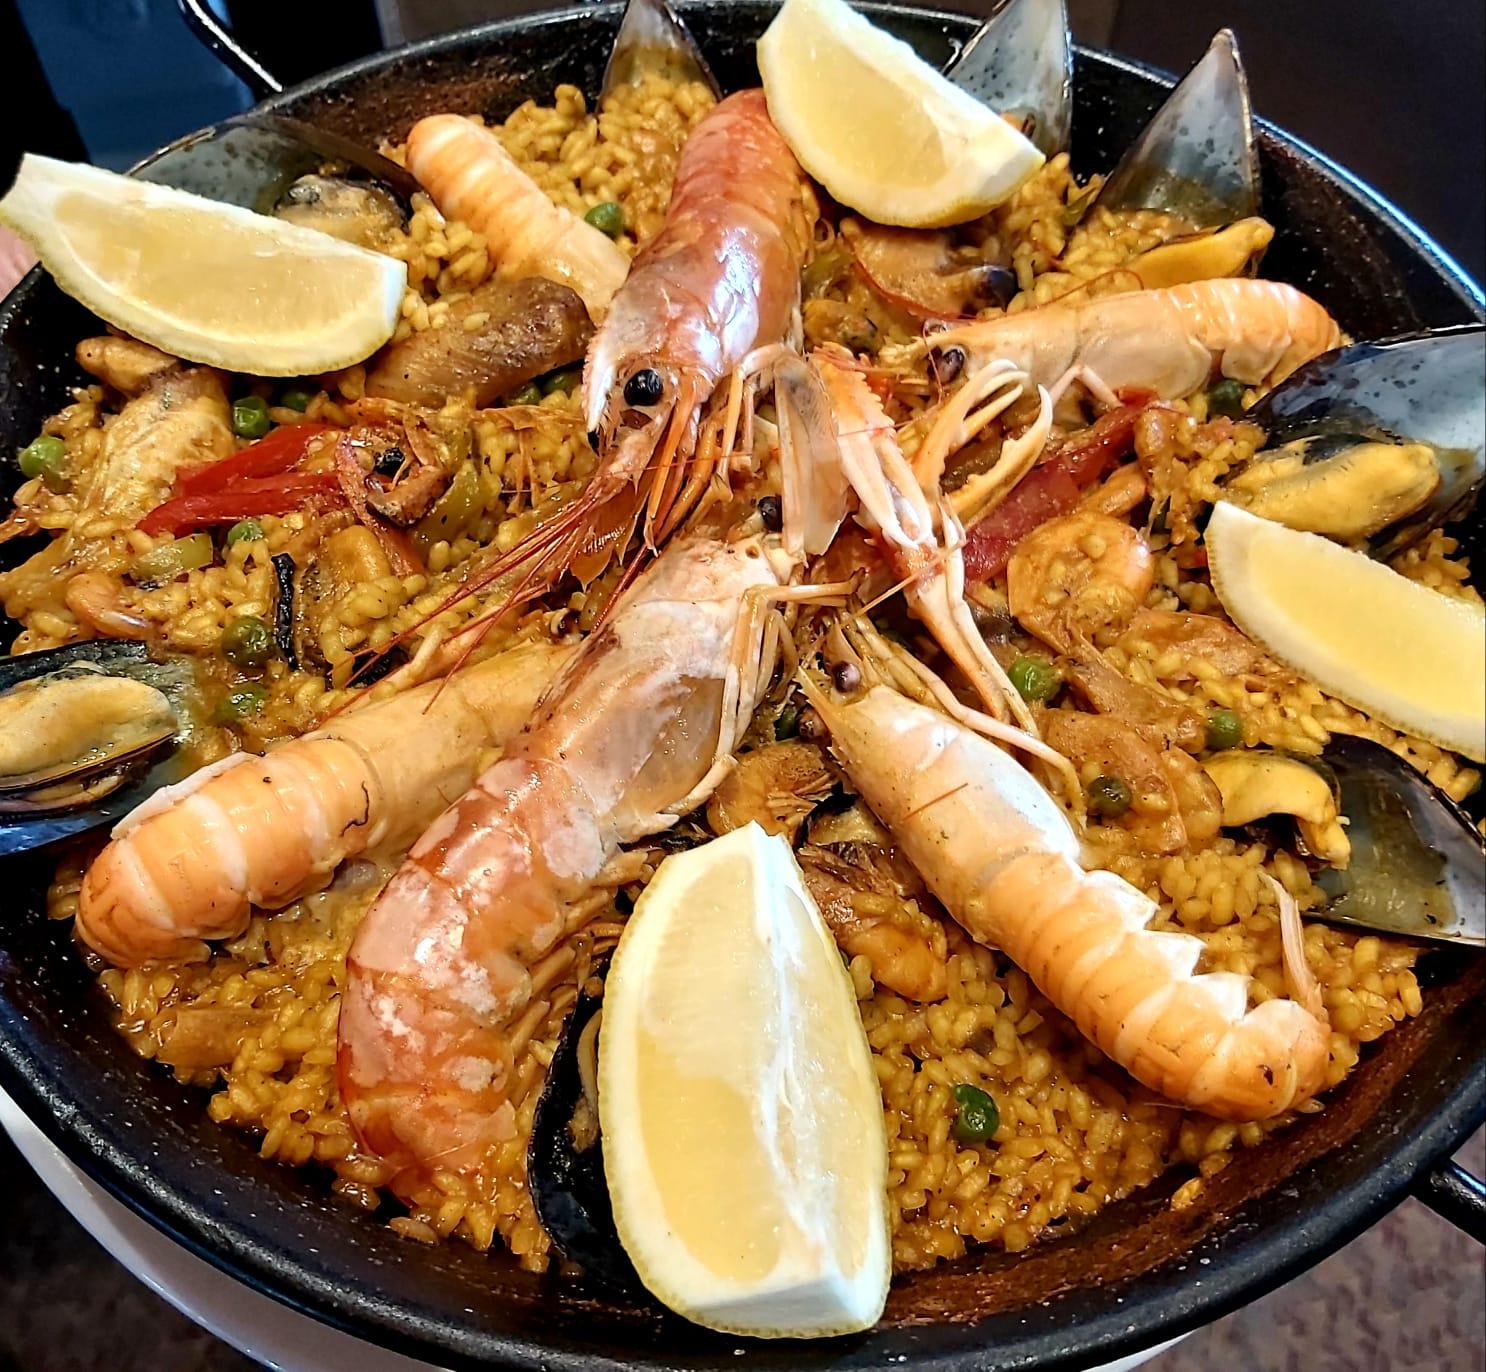 Chez Restaurant El Carlit au Pas de la Casa on trouve la typique paella de poisson espagnole. La paella cuisinée avec des produits de la mer (poissons et fruits de mer divers) est un classique de la cuisine méditerranéenne